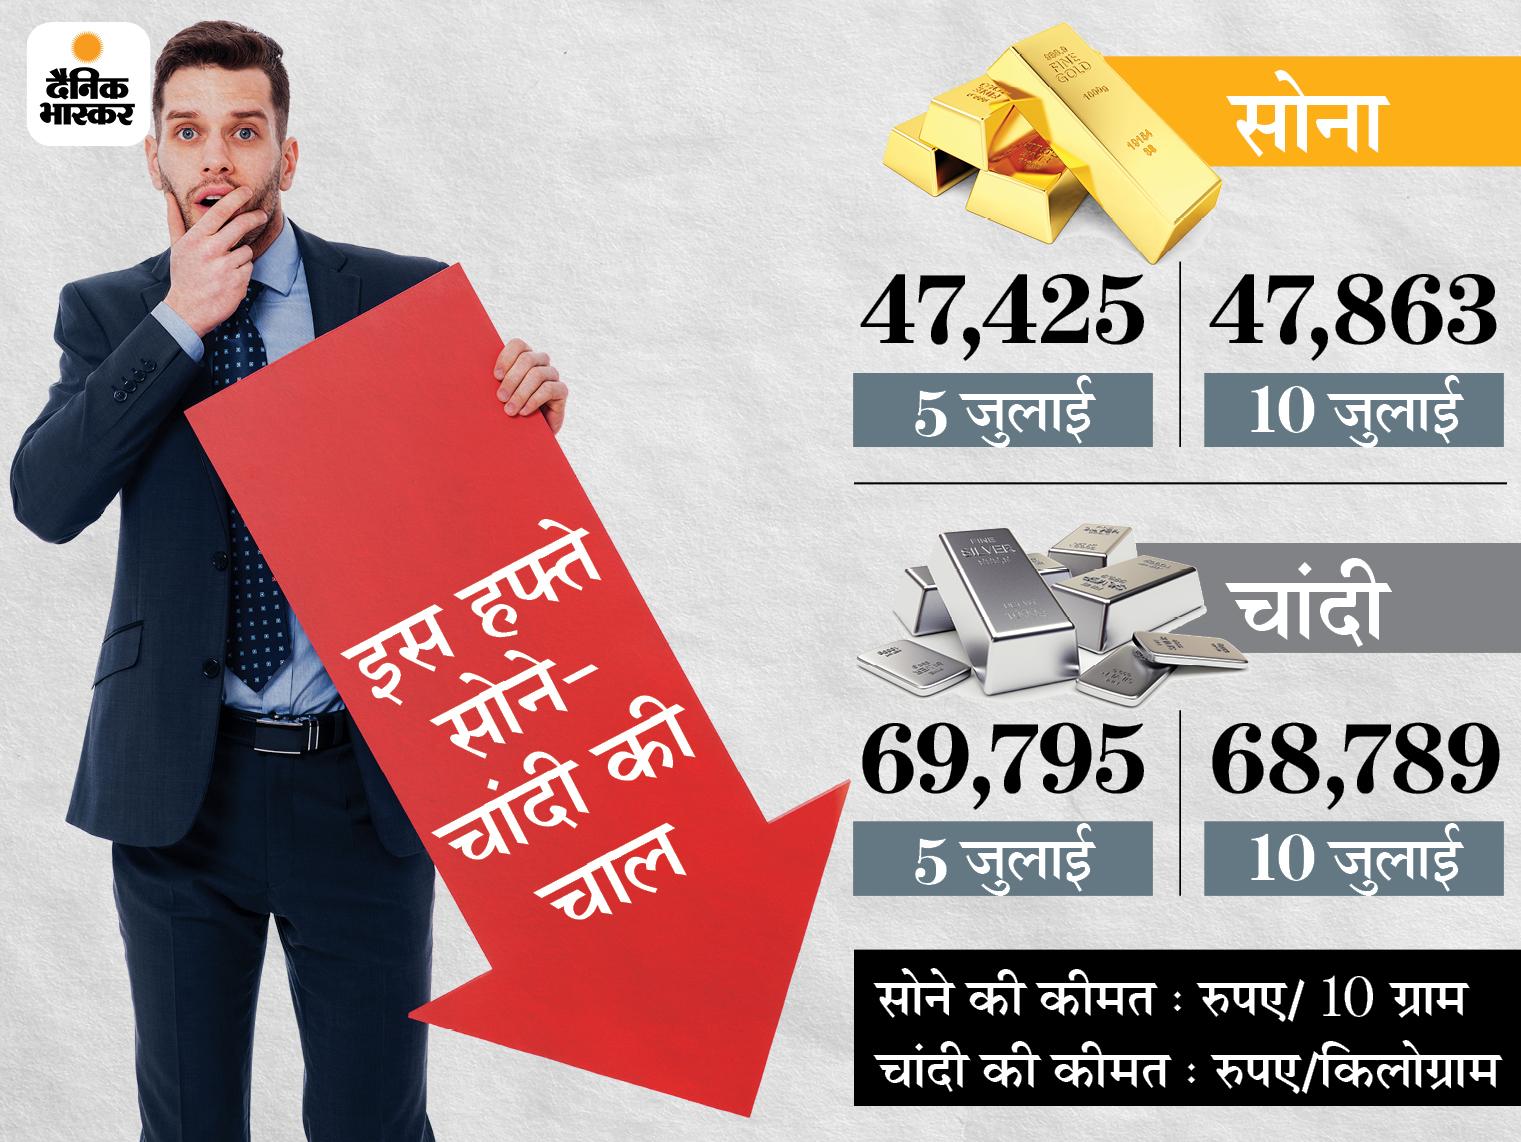 इस हफ्ते फिर बढ़ी सोने की चमक, लेकिन चांदी हजार रुपए से ज्यादा सस्ती होकर 69 हजार के नीचे आई|बिजनेस,Business - Dainik Bhaskar